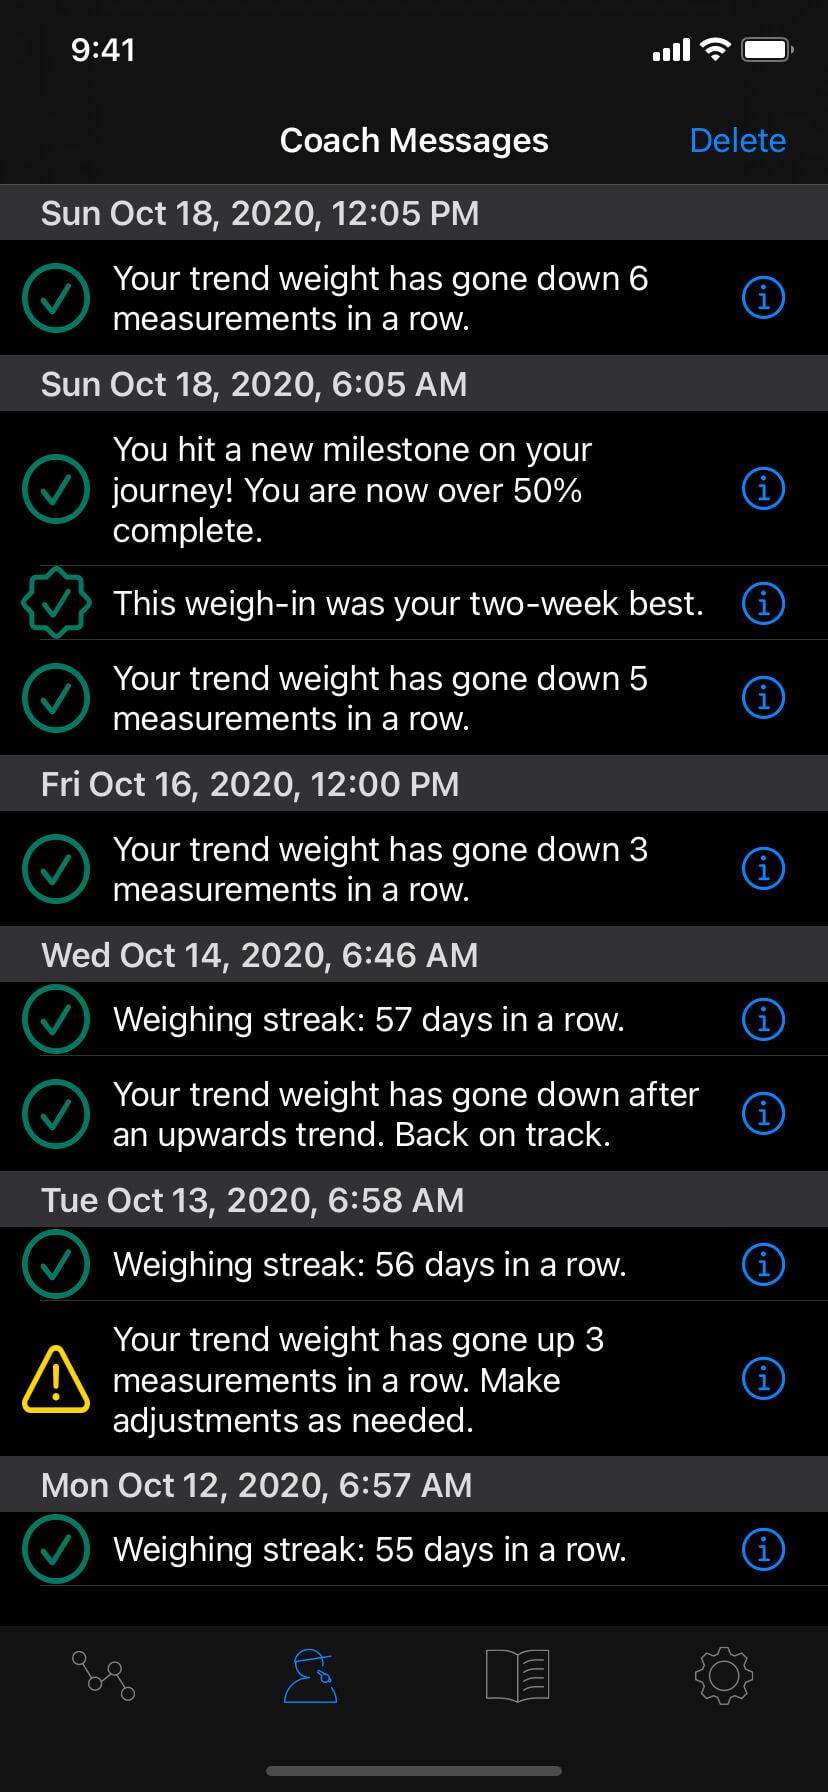 luuze weight loss coach - coaching and guidance